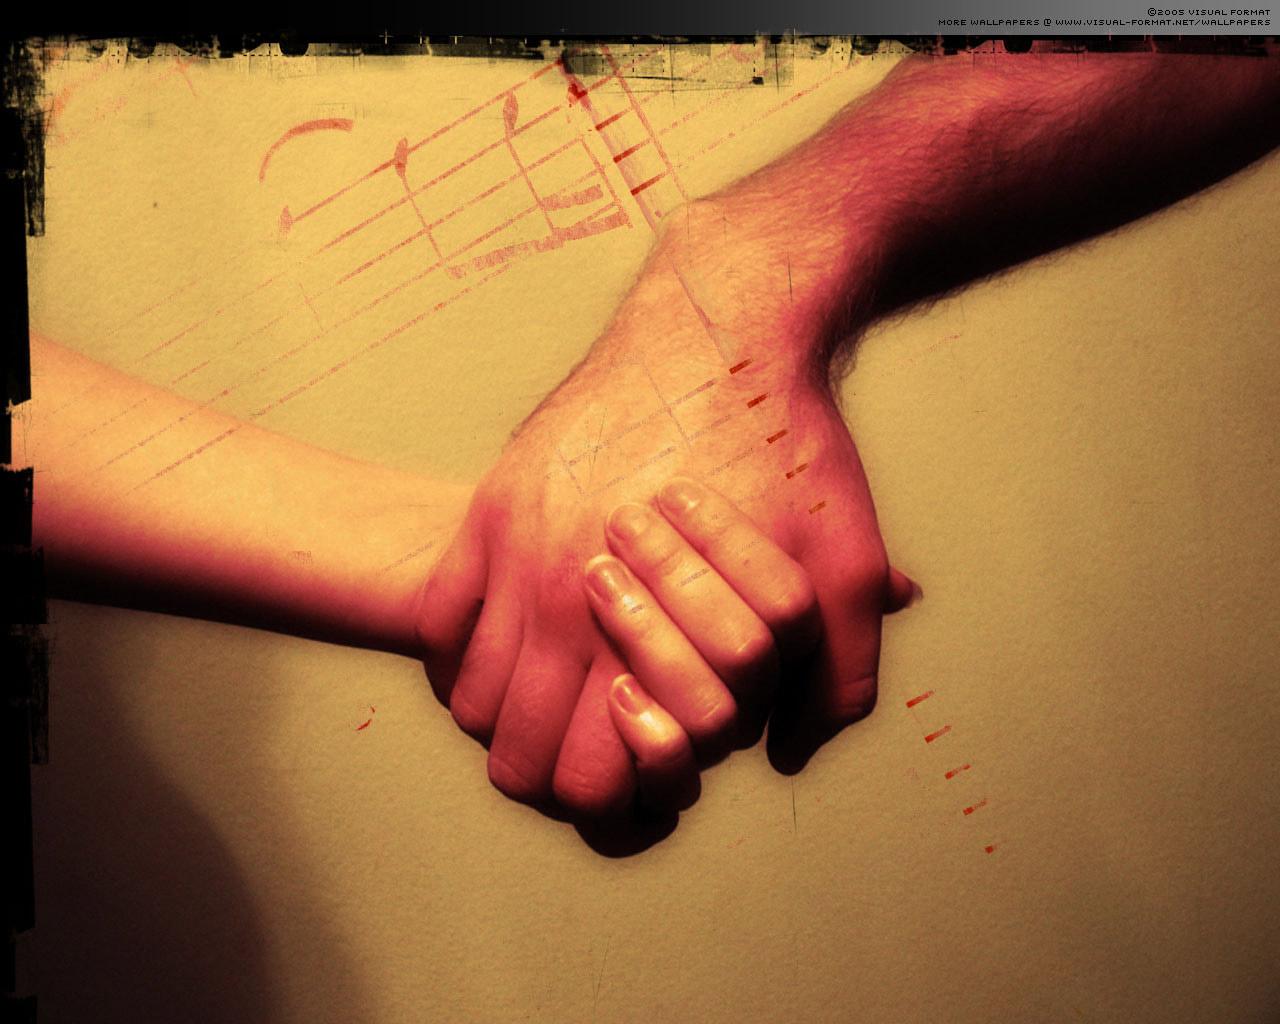 http://3.bp.blogspot.com/_nKa-dM7PvEo/TTaYpgvh4tI/AAAAAAAAE1Y/GUXnDTNlmMM/s1600/holding-hands-photography-535693_1280_1024.jpg#Holding%20Hands%201280x1024